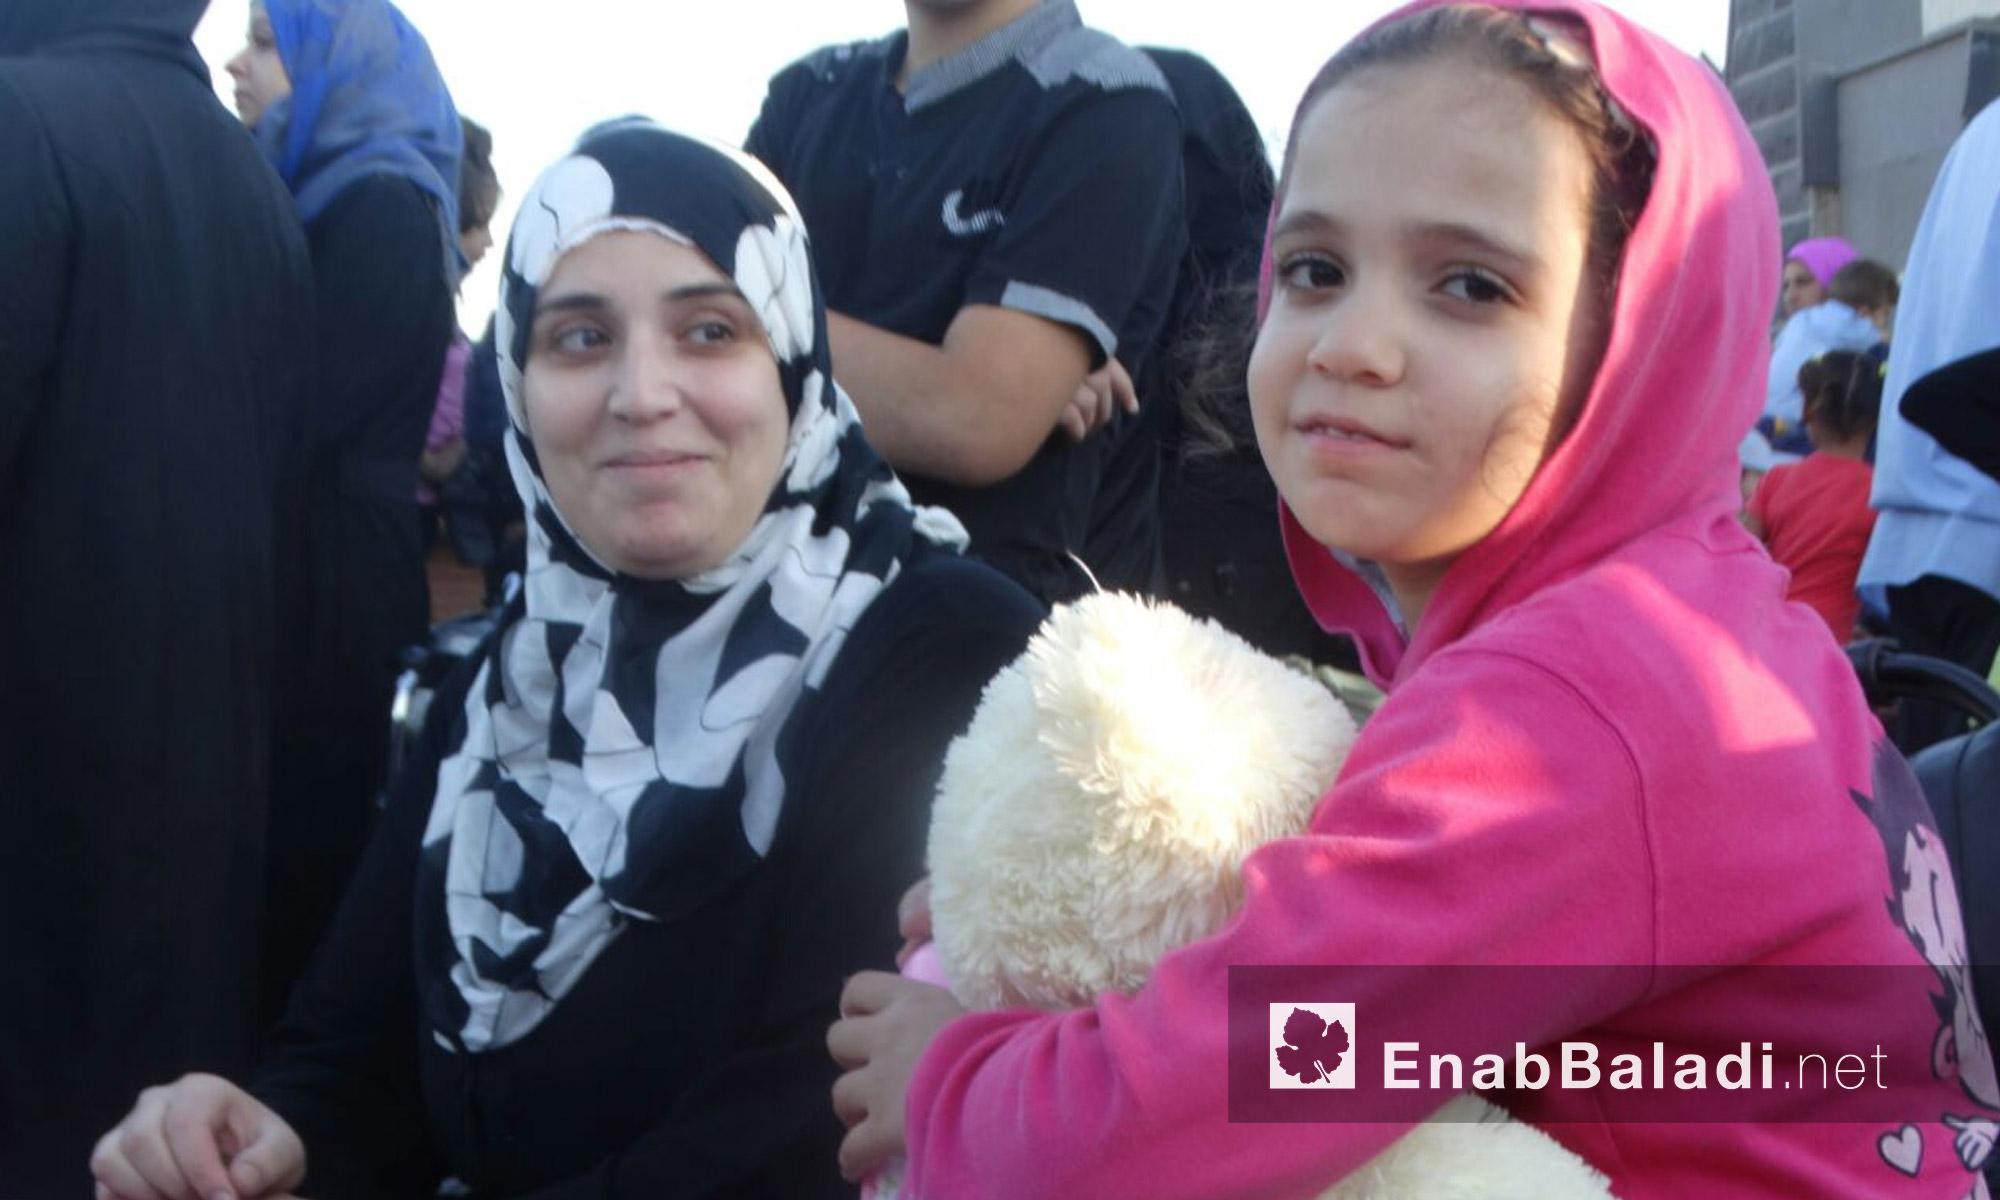 طفلة من حي الوعر تنتظر الخروج مع عائلتها - الاثنين 19 أيلول (عنب بلدي)